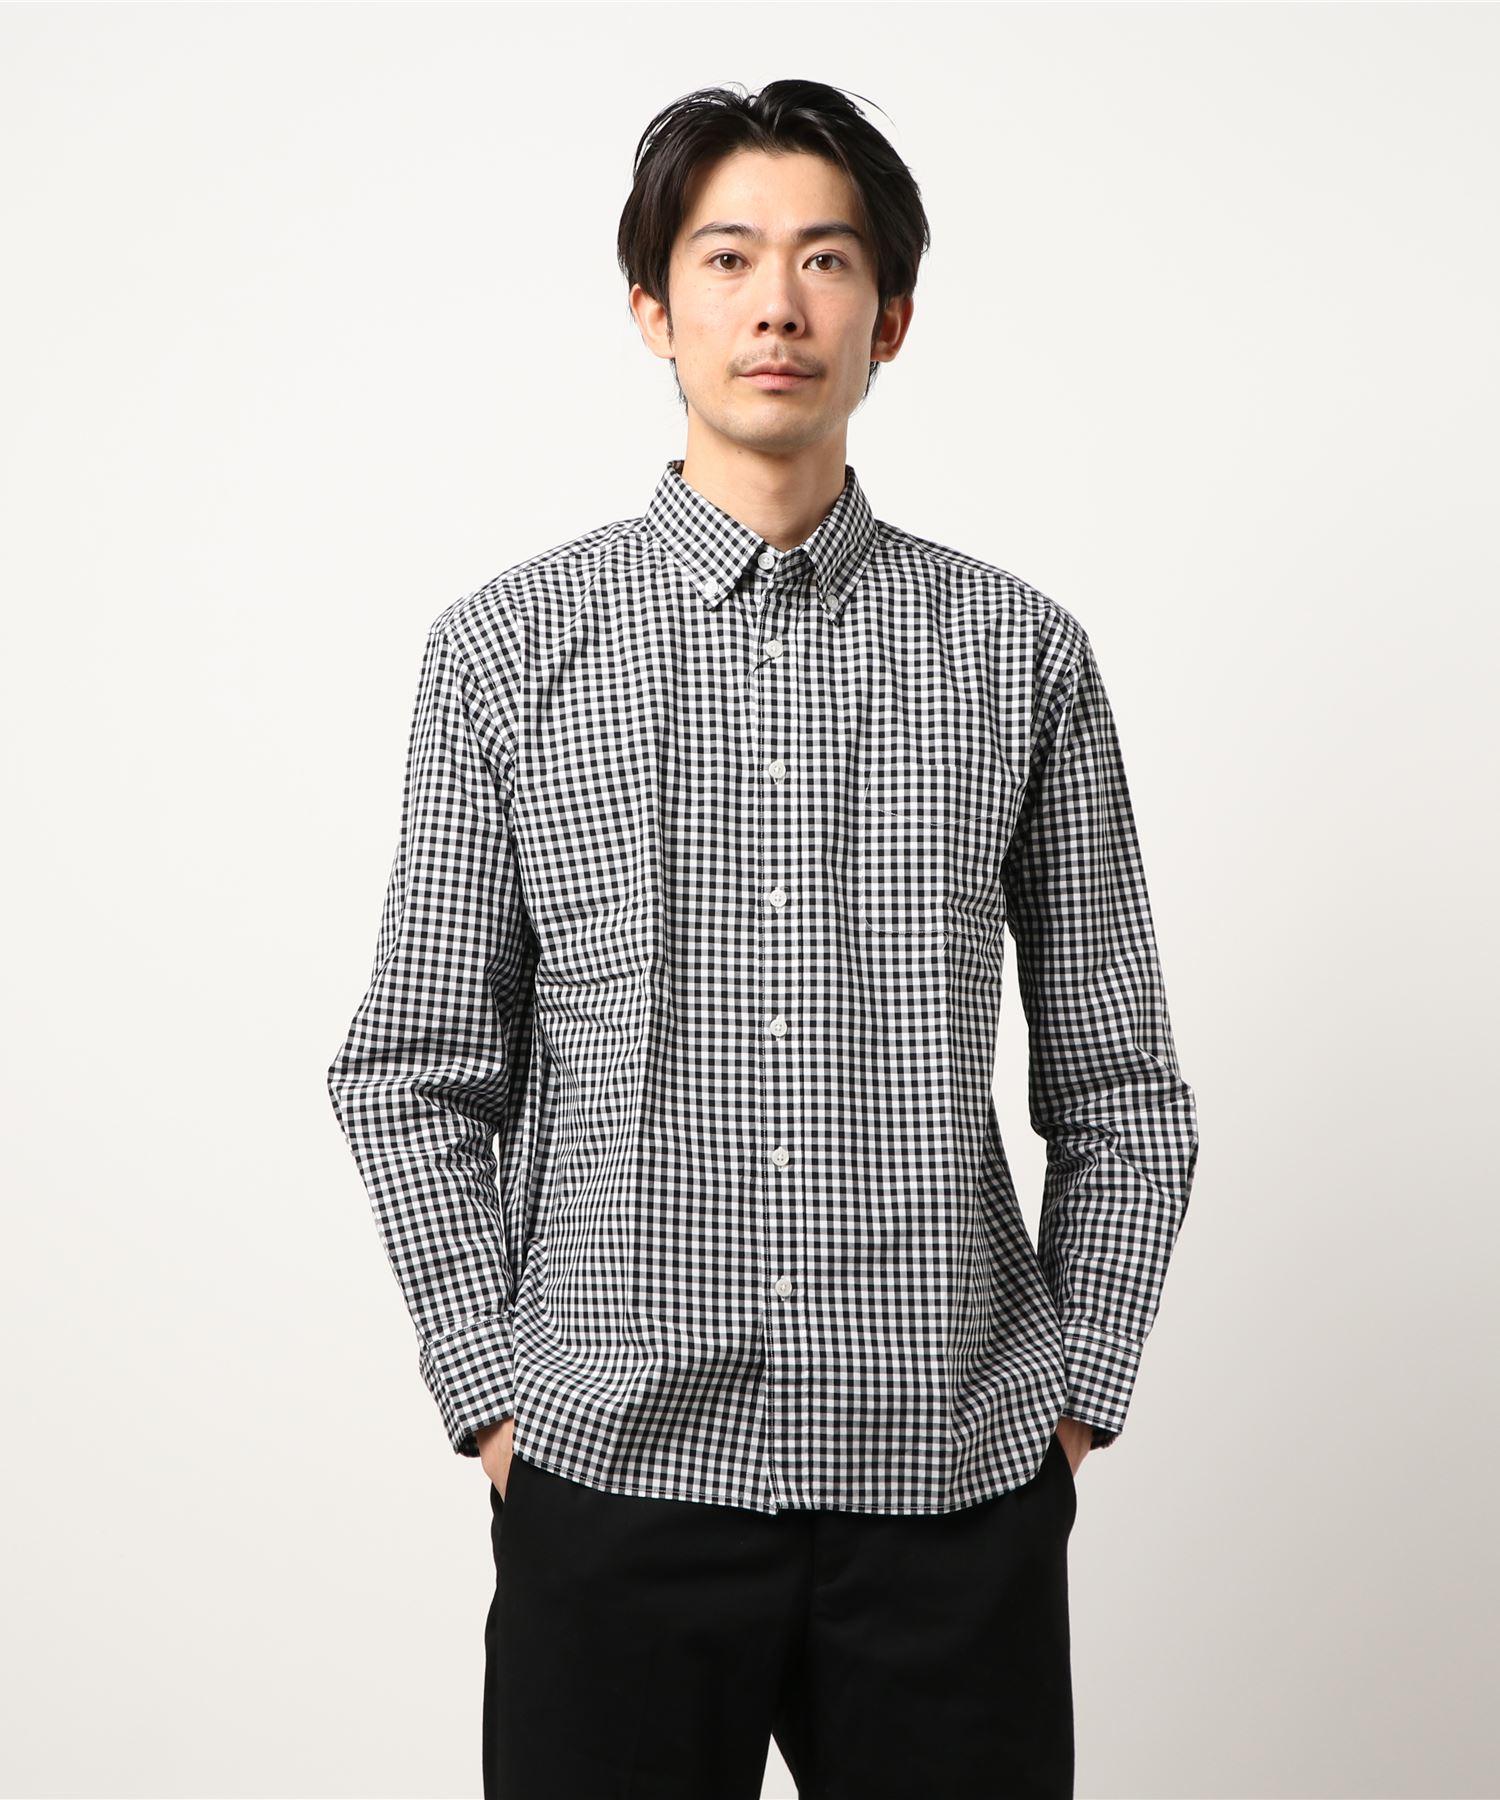 リラックスギンガムチェックシャツ 長袖 ボタンダウン オーバーサイズ/ビッグシルエット